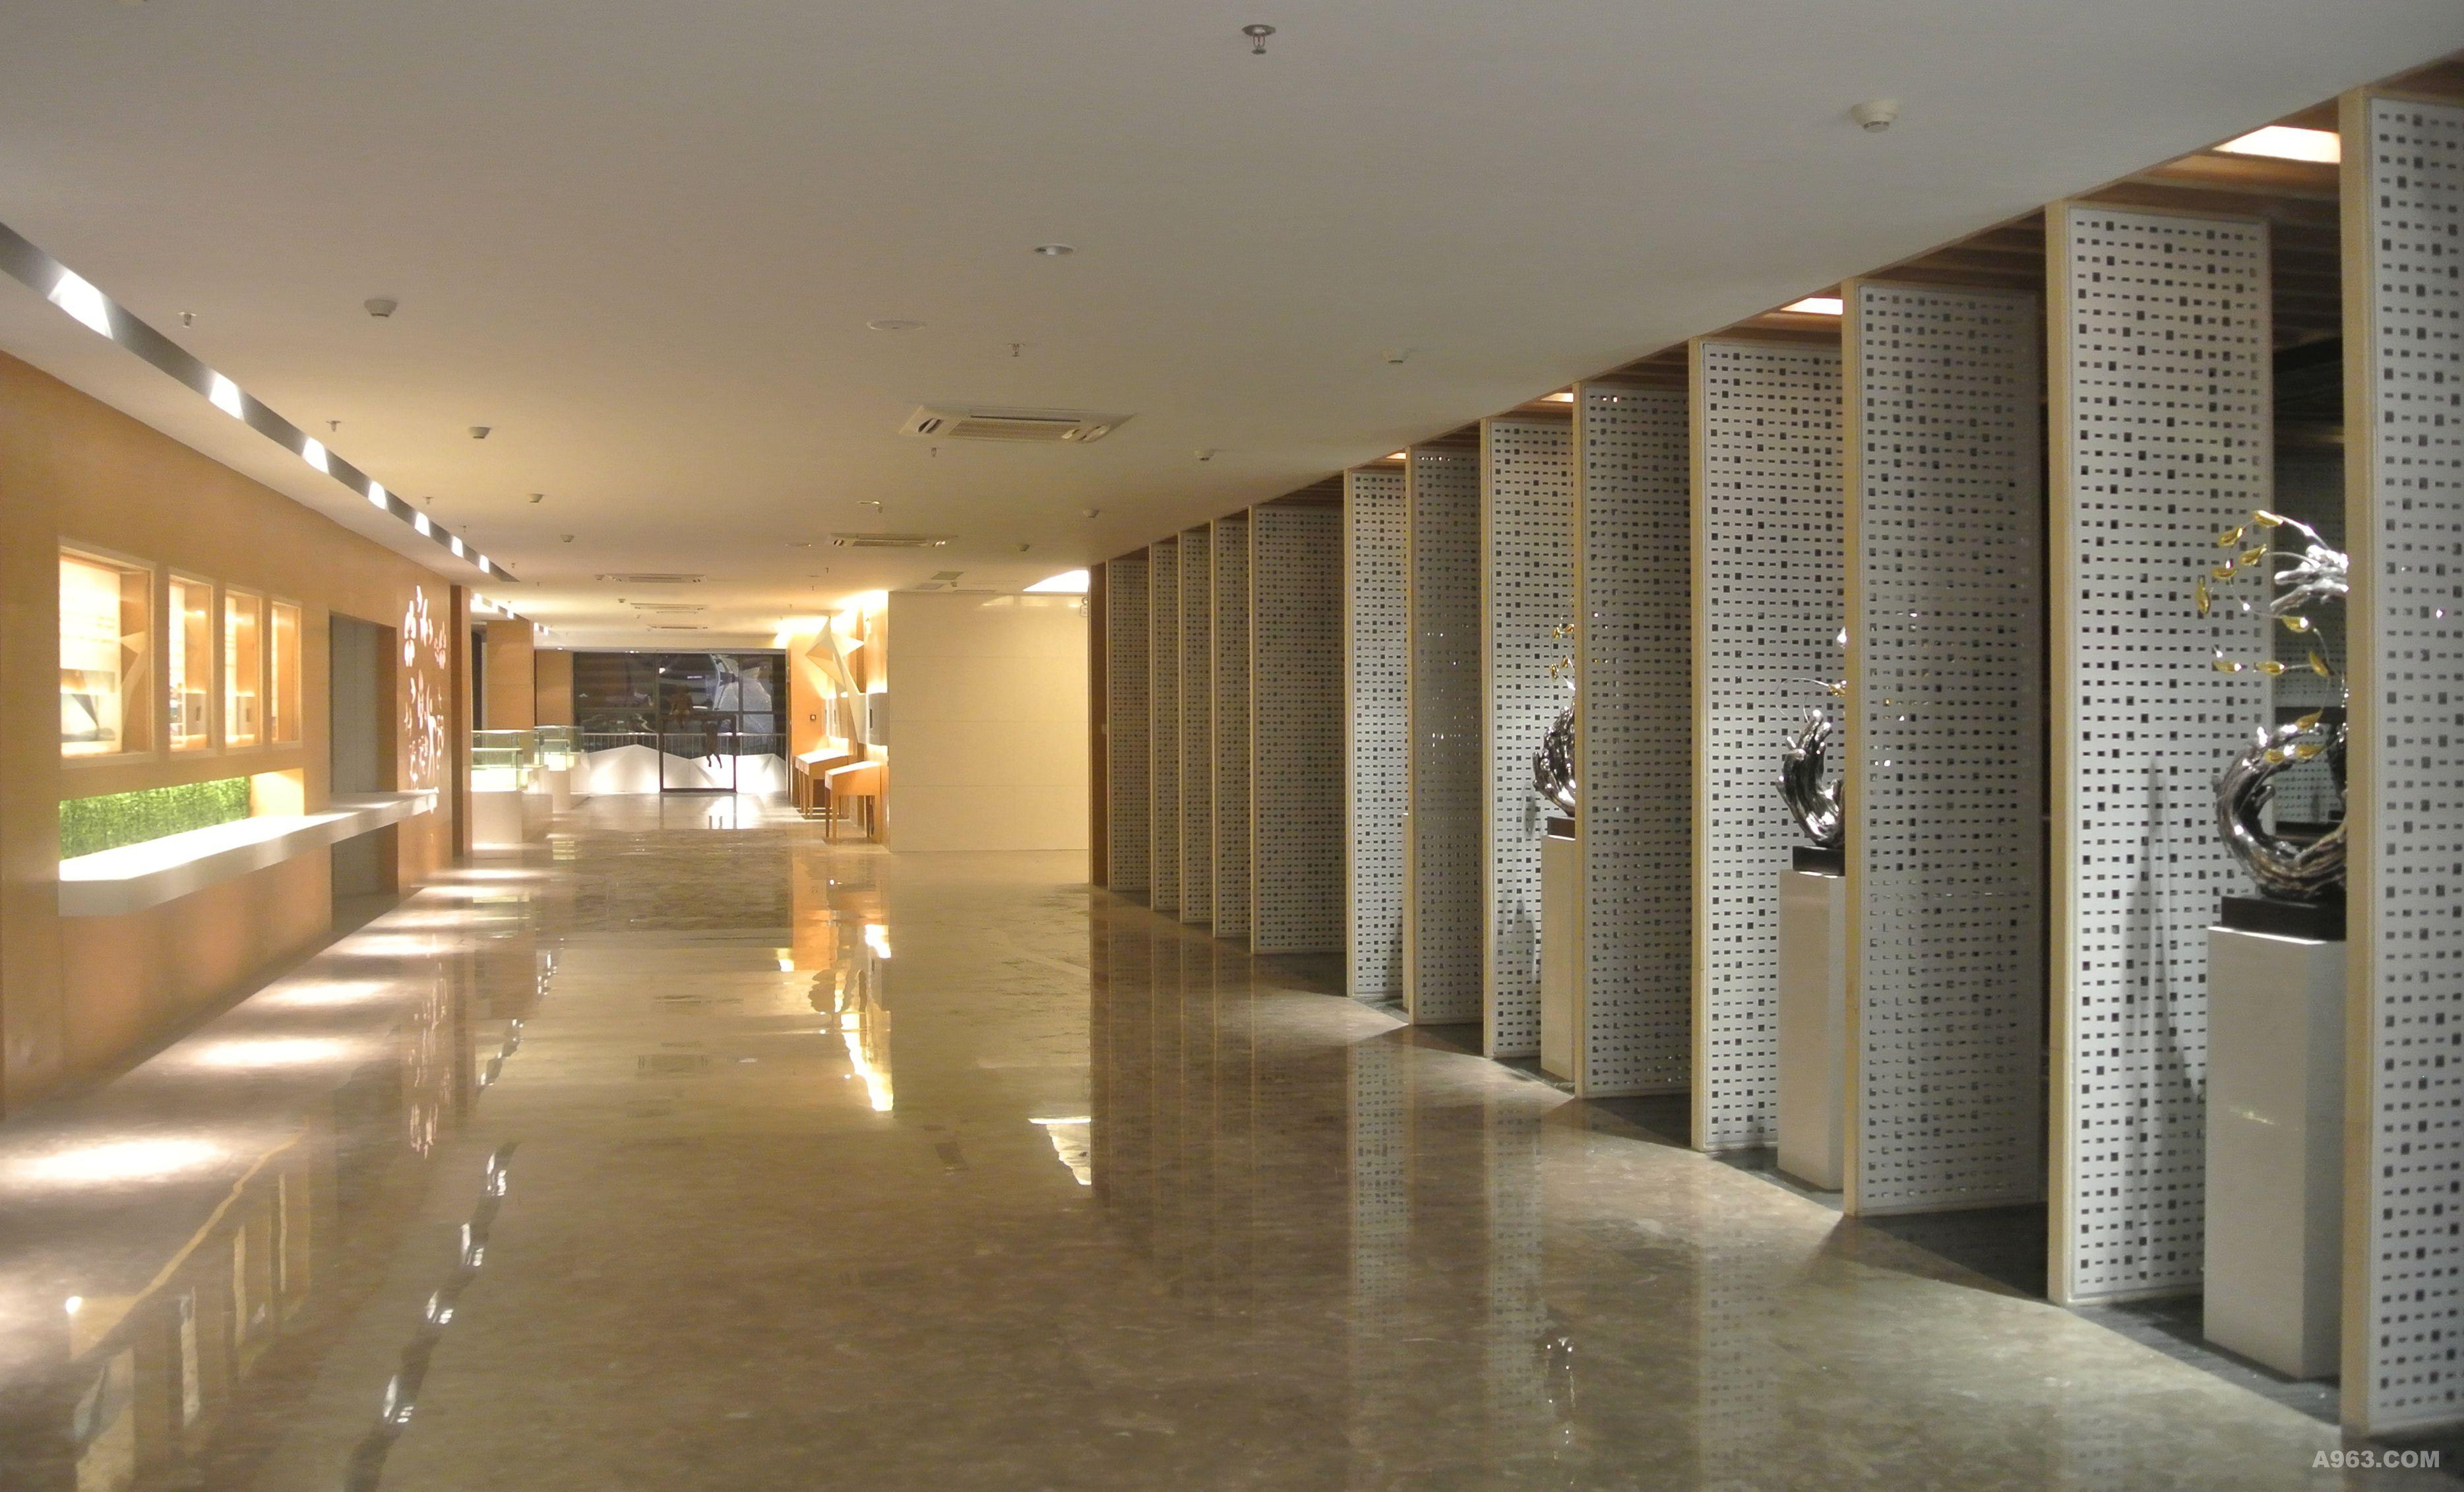 纯白色的楼梯在整墙木饰面的衬托下成为了整个洽谈区空间的视觉核心.